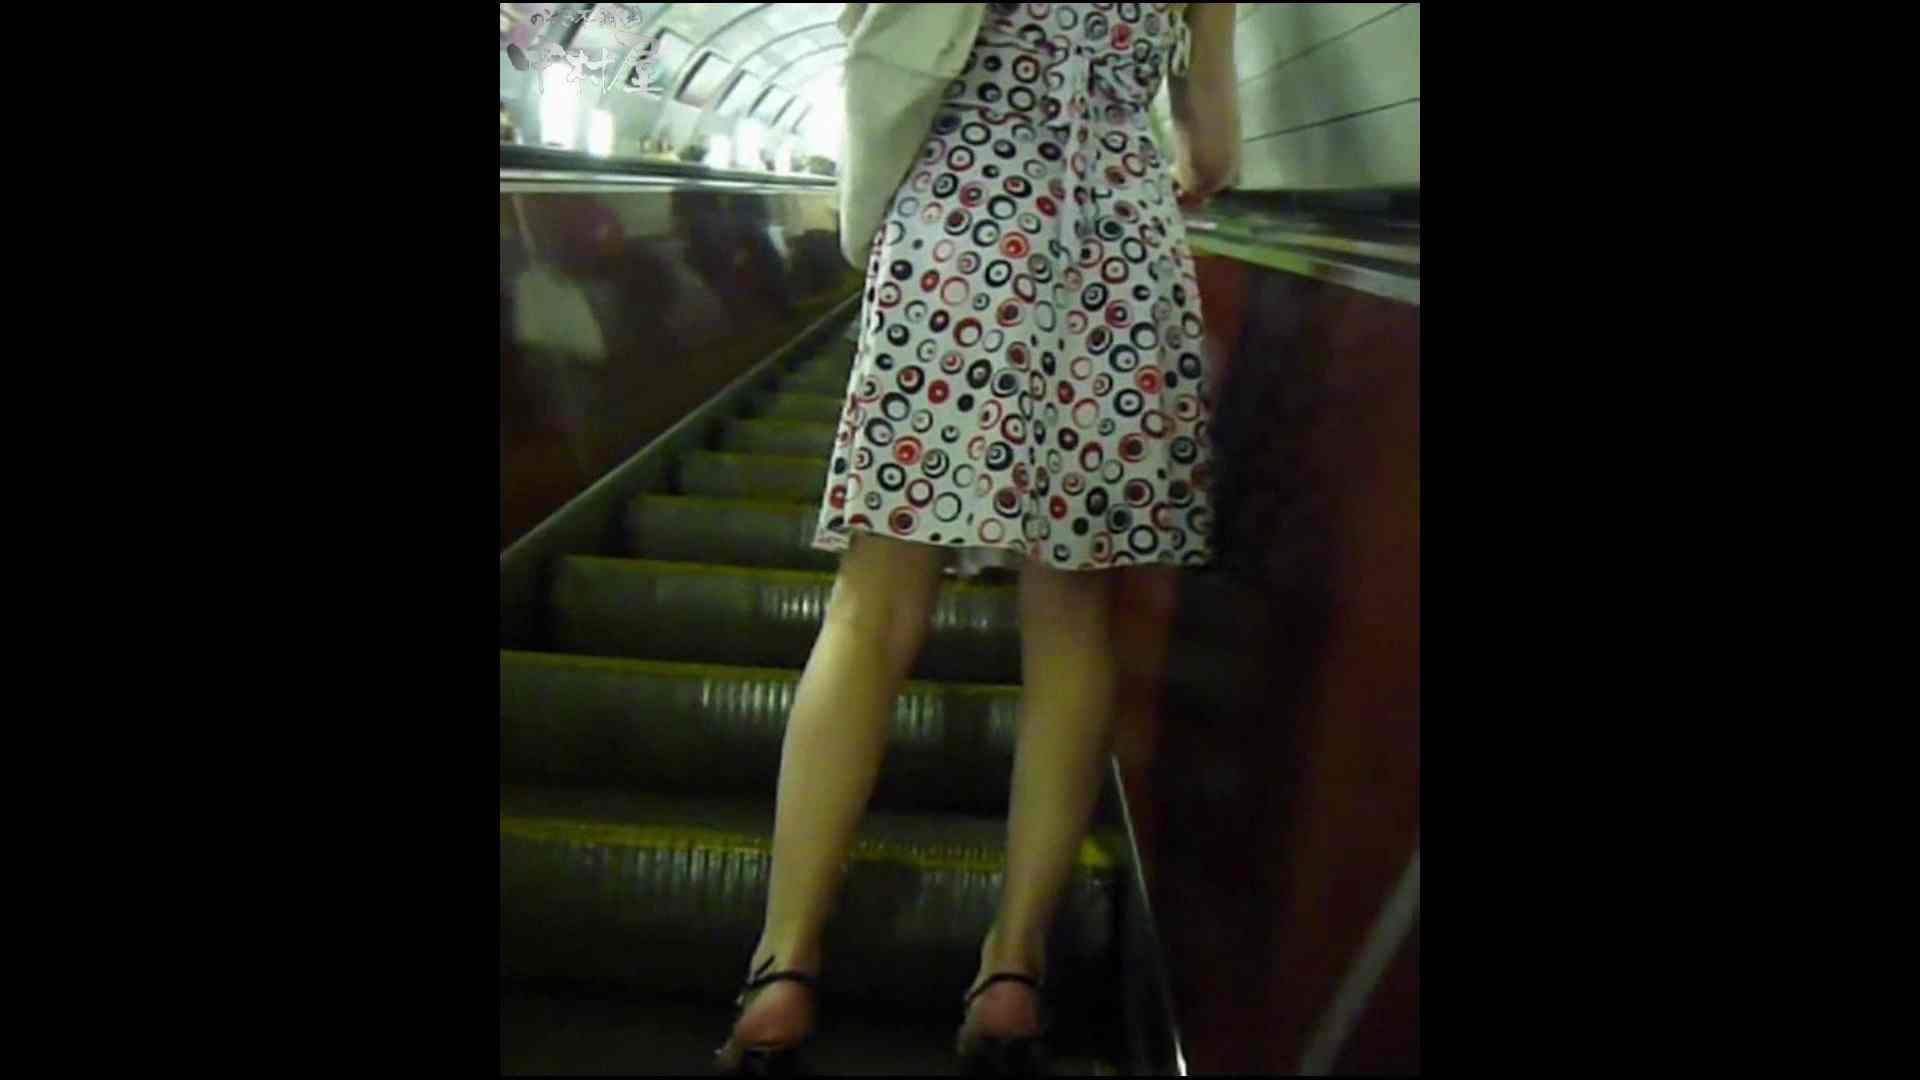 綺麗なモデルさんのスカート捲っちゃおう‼ vol25 お姉さん | OLすけべ画像  62連発 61